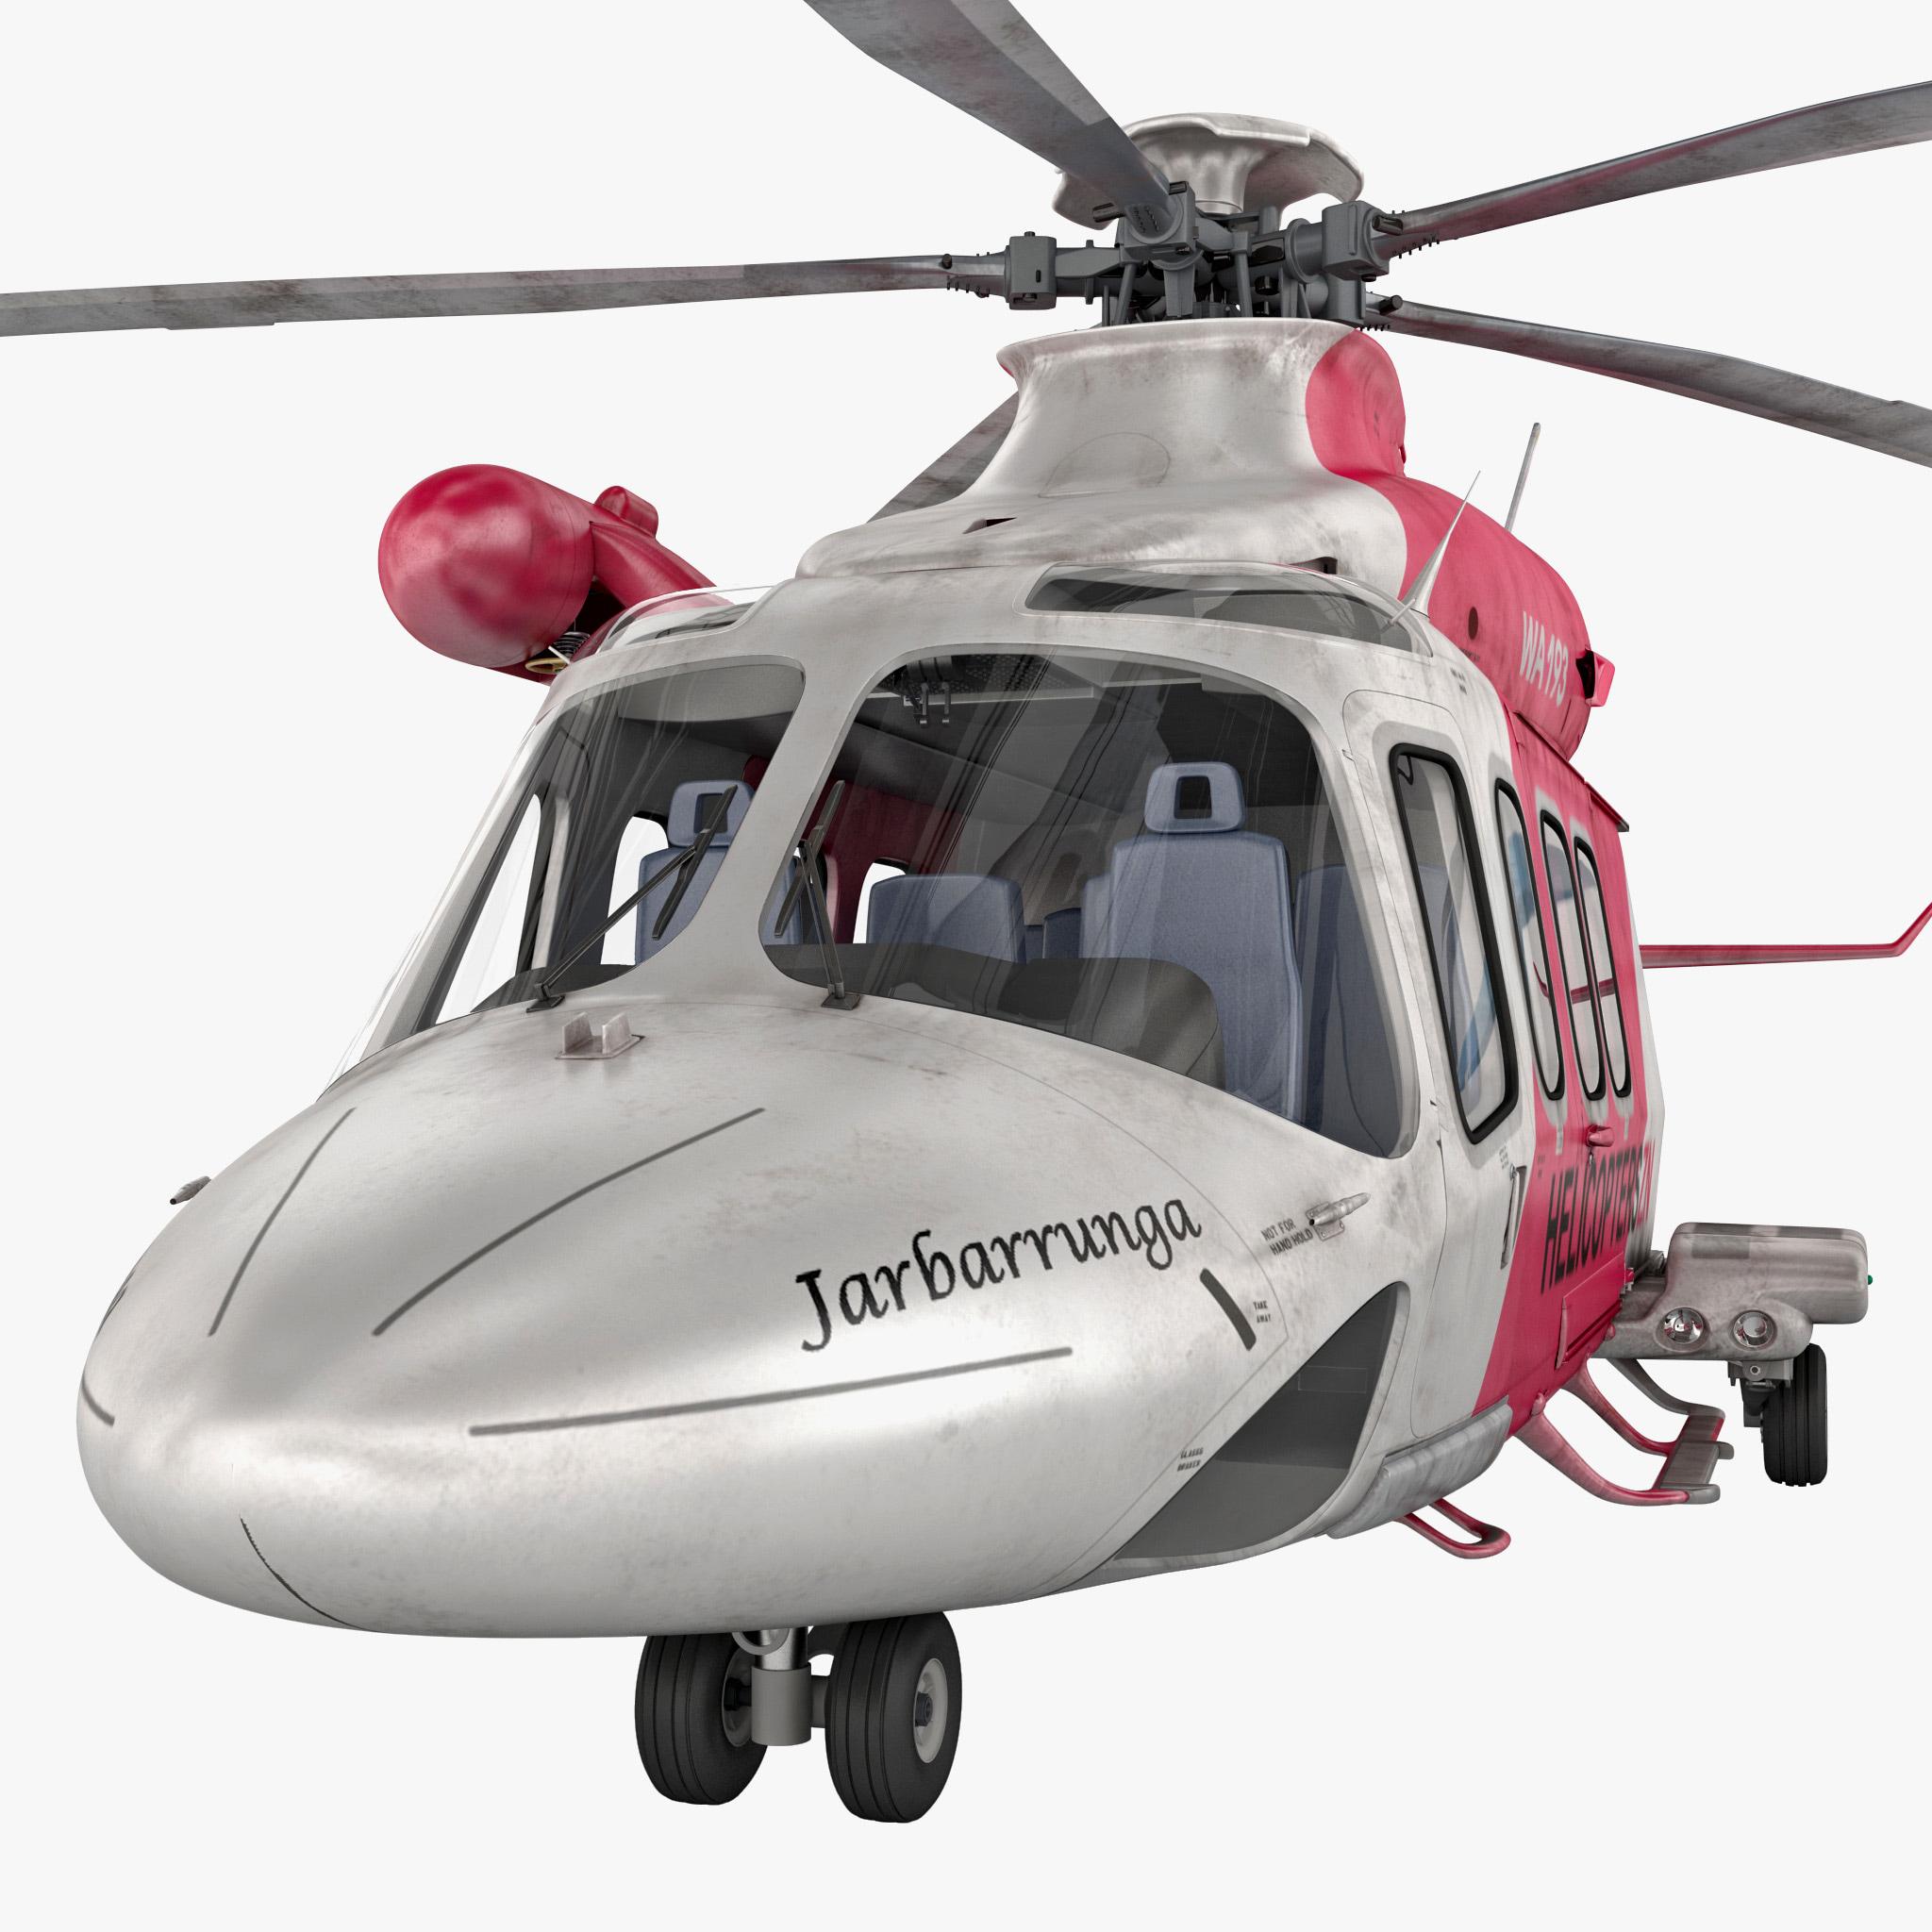 AgustaWestland AW139 2_1.jpg